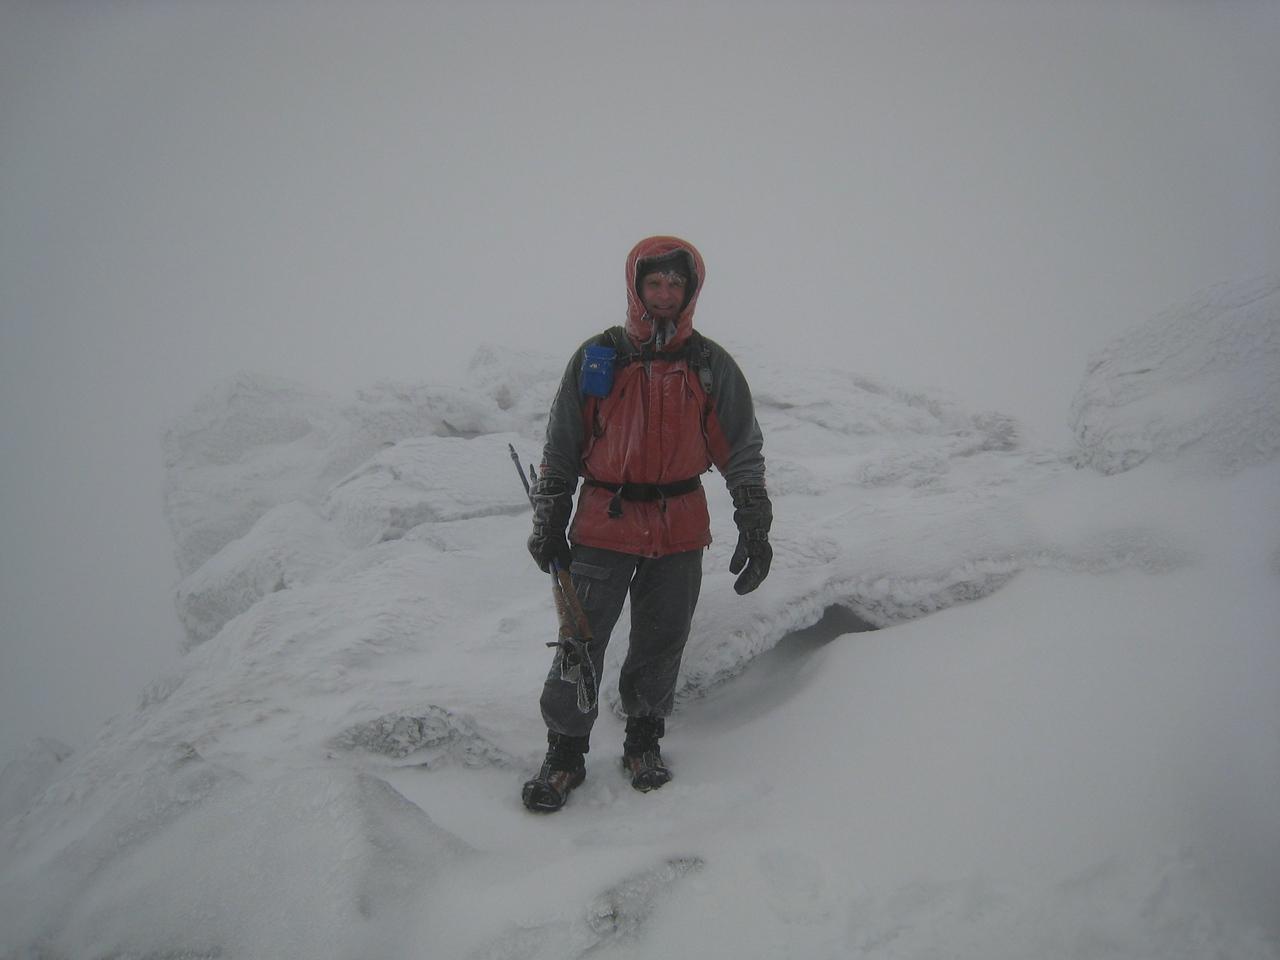 Jim on Summit of Mt. Monroe